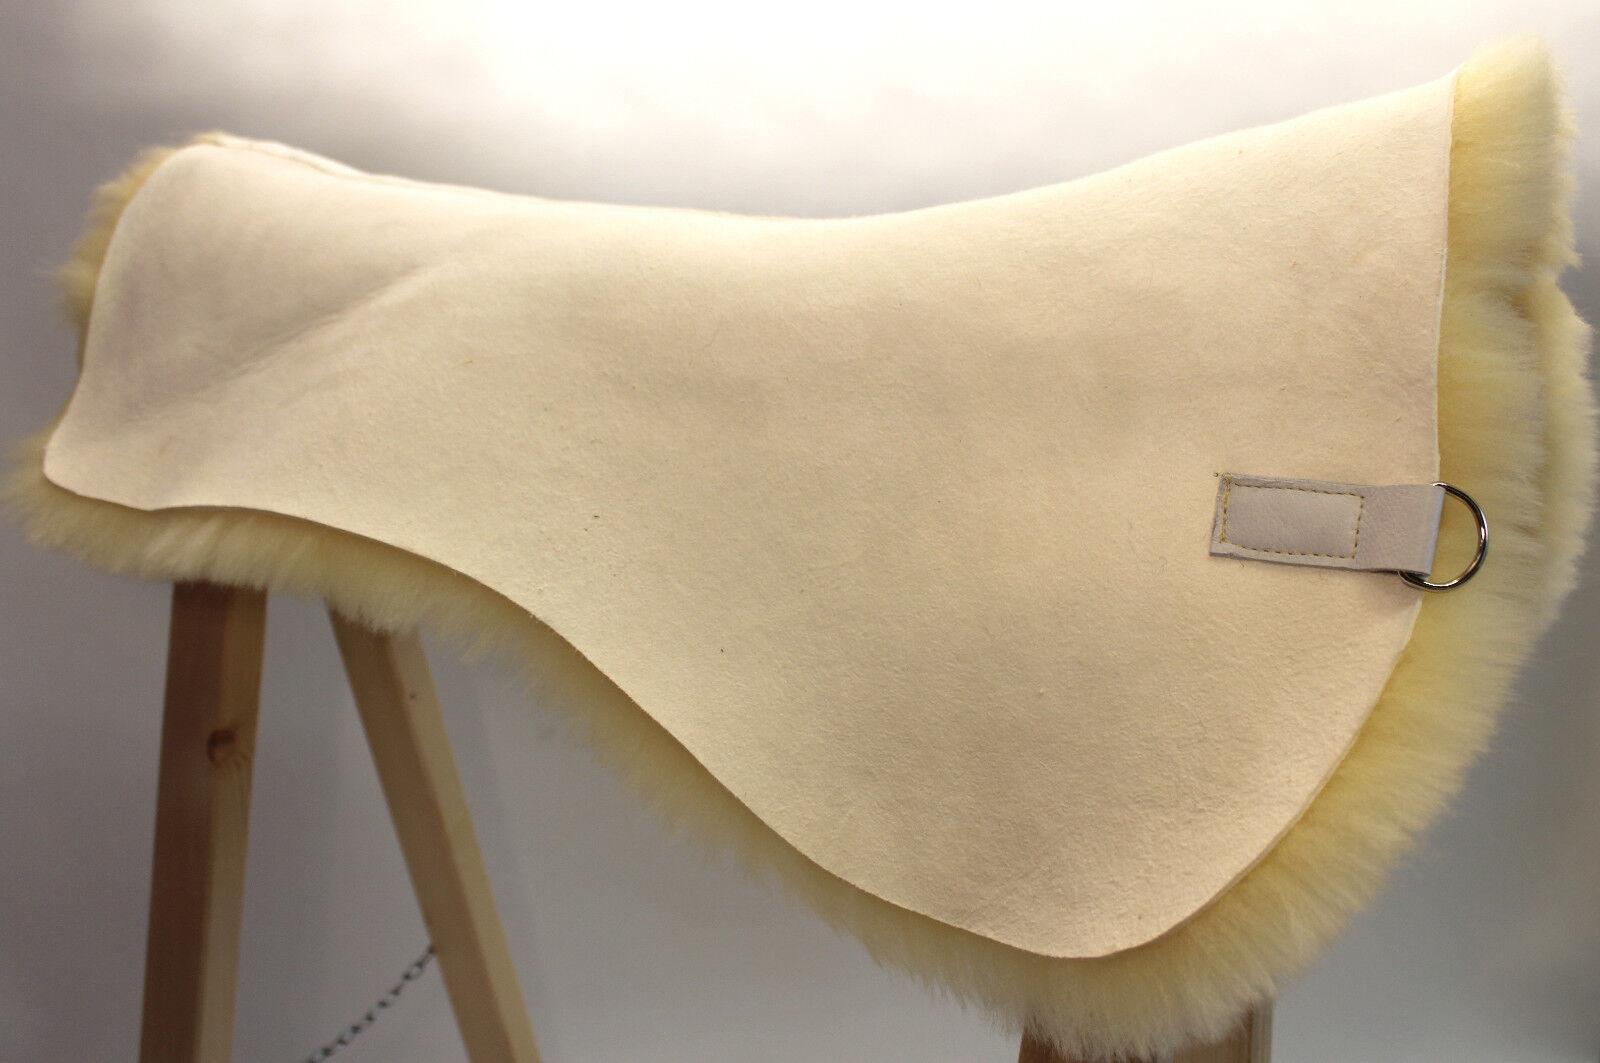 Magnifique Support en Laine de Mouton pour Tapis Selle, Tampon 100% Peau